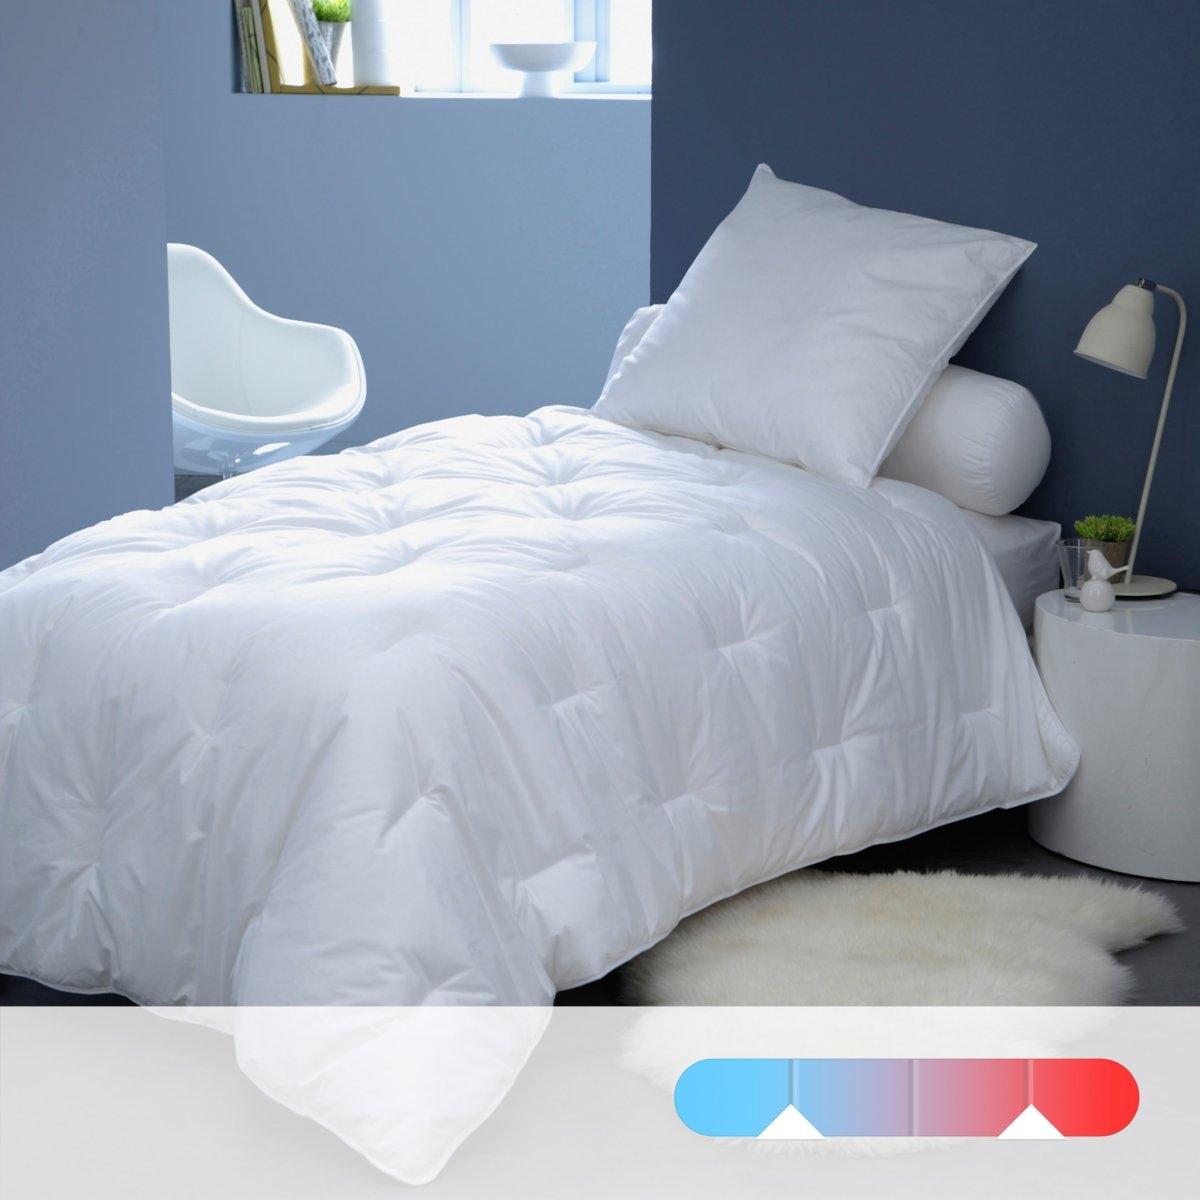 Двойное синтетическое одеяло LESTRAРегулируемое тепло и суперлегкость двойного одеяла на любое время года QUALLOFIL-AIR. Одно одеяло плотностью 175 г/м? для лета, другое одеяло 300 г/м? для межсезонья, оба одеяла соединяются завязками для зимы. Качество VALEUR S?RE эксклюзивного наполнителя: полые силиконизированные очень тонкие, ультрамягкие, суперлегкие волокна, 100% полиэстера, которые обеспечивают циркуляцию воздуха. Чехол: перкаль, 100% хлопка. Простежка черточками. Стирка при 40°. Машинная сушка возможна при умеренной температуре.<br><br>Цвет: белый